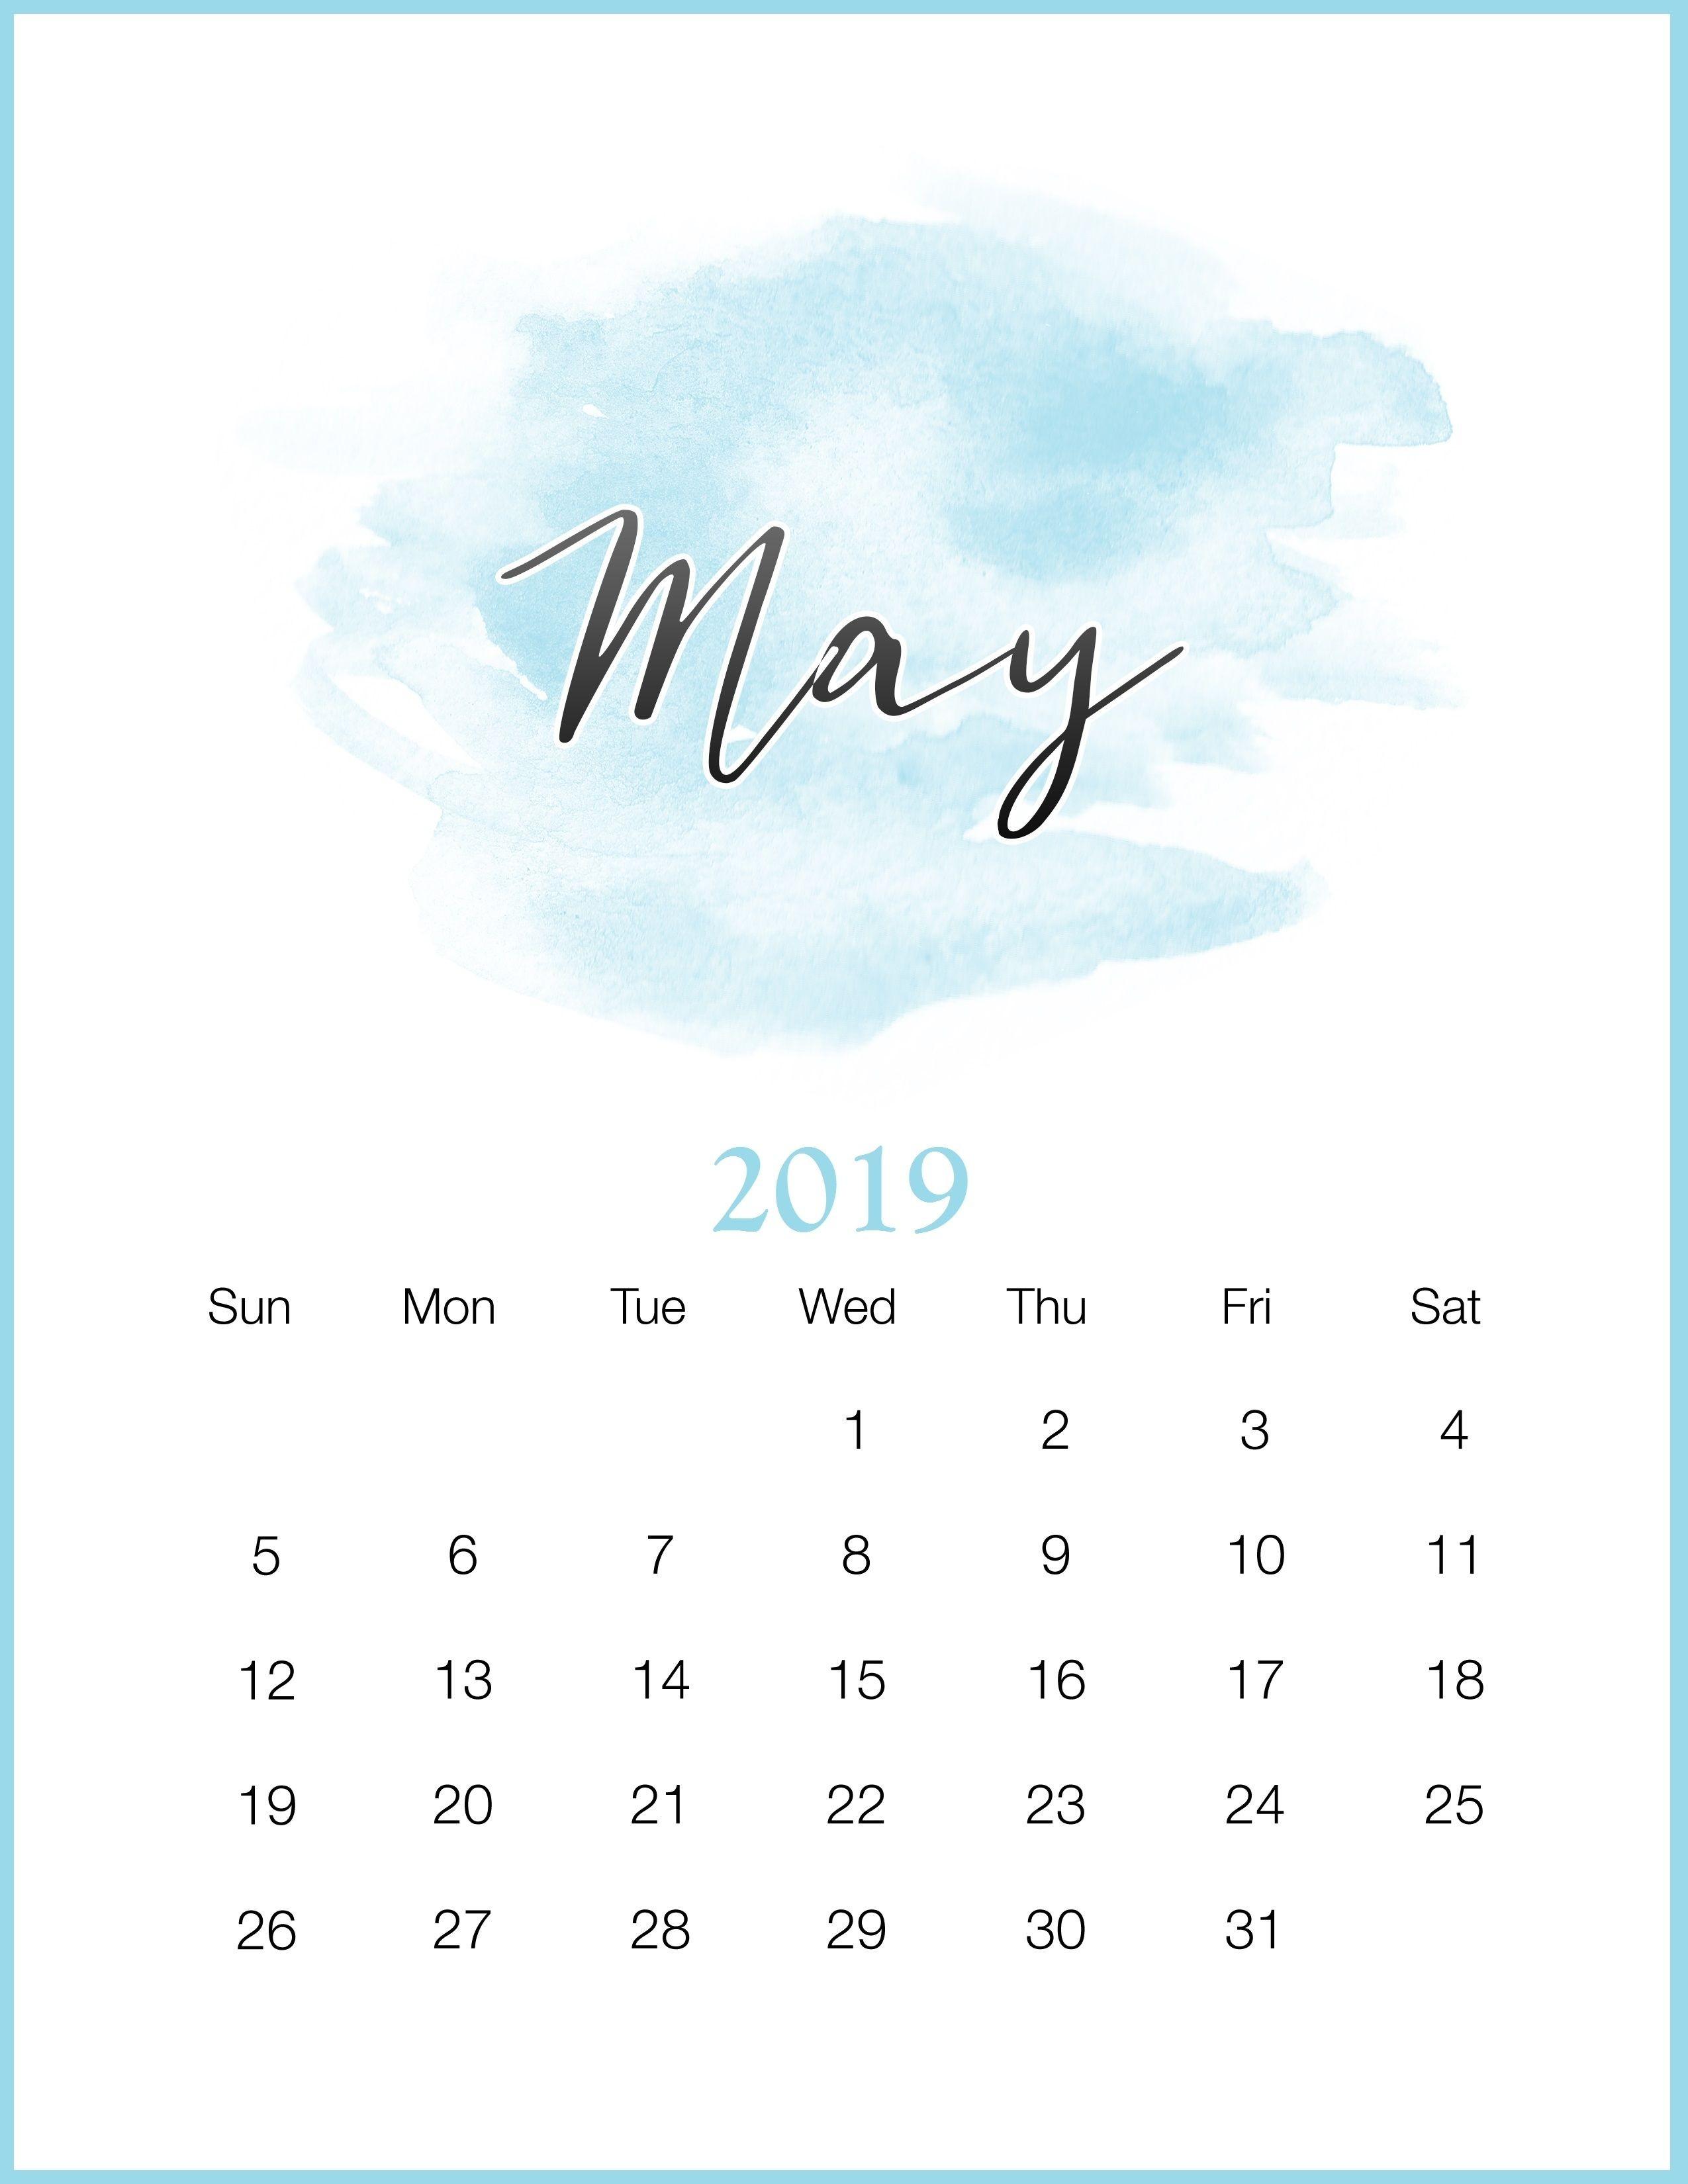 Calendario Mayo 2017 Para Imprimir Word Más Populares Watercolor 2019 Monthly Printable Calendar Calendar 2019may 2019 Of Calendario Mayo 2017 Para Imprimir Word Más Recientemente Liberado Calendario 2018 Más De 150 Plantillas Para Imprimir Y Descargar